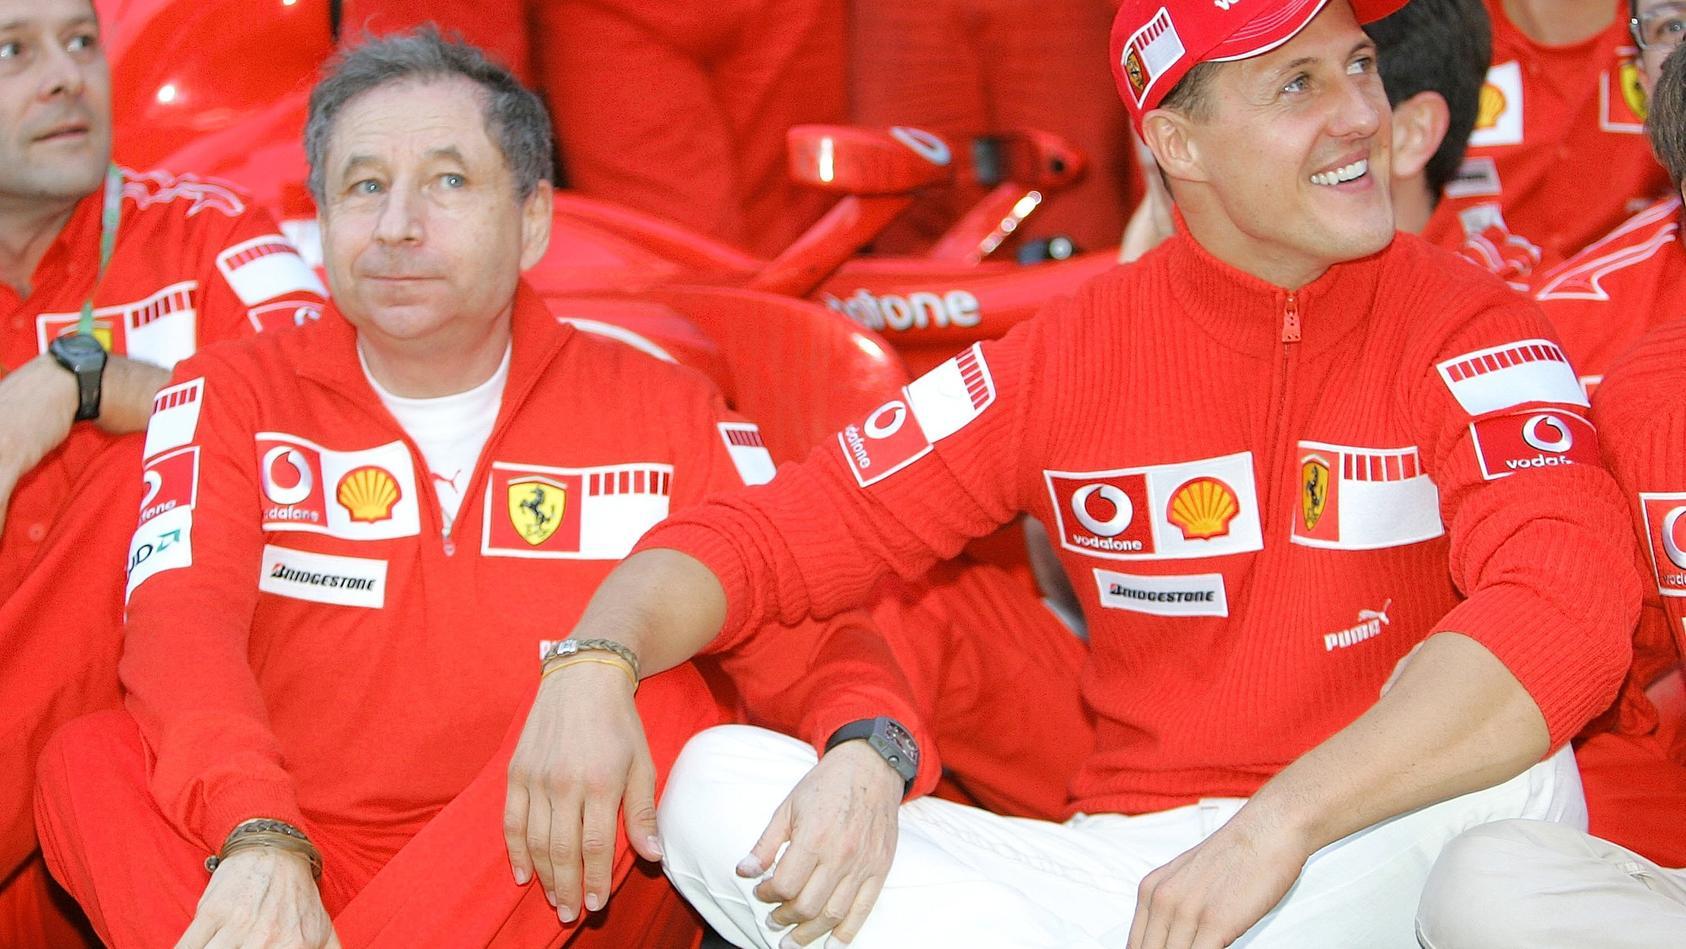 Michael Schumacher Und Jean Todt Warum Ihr Verhaltnis So Besonders Ist